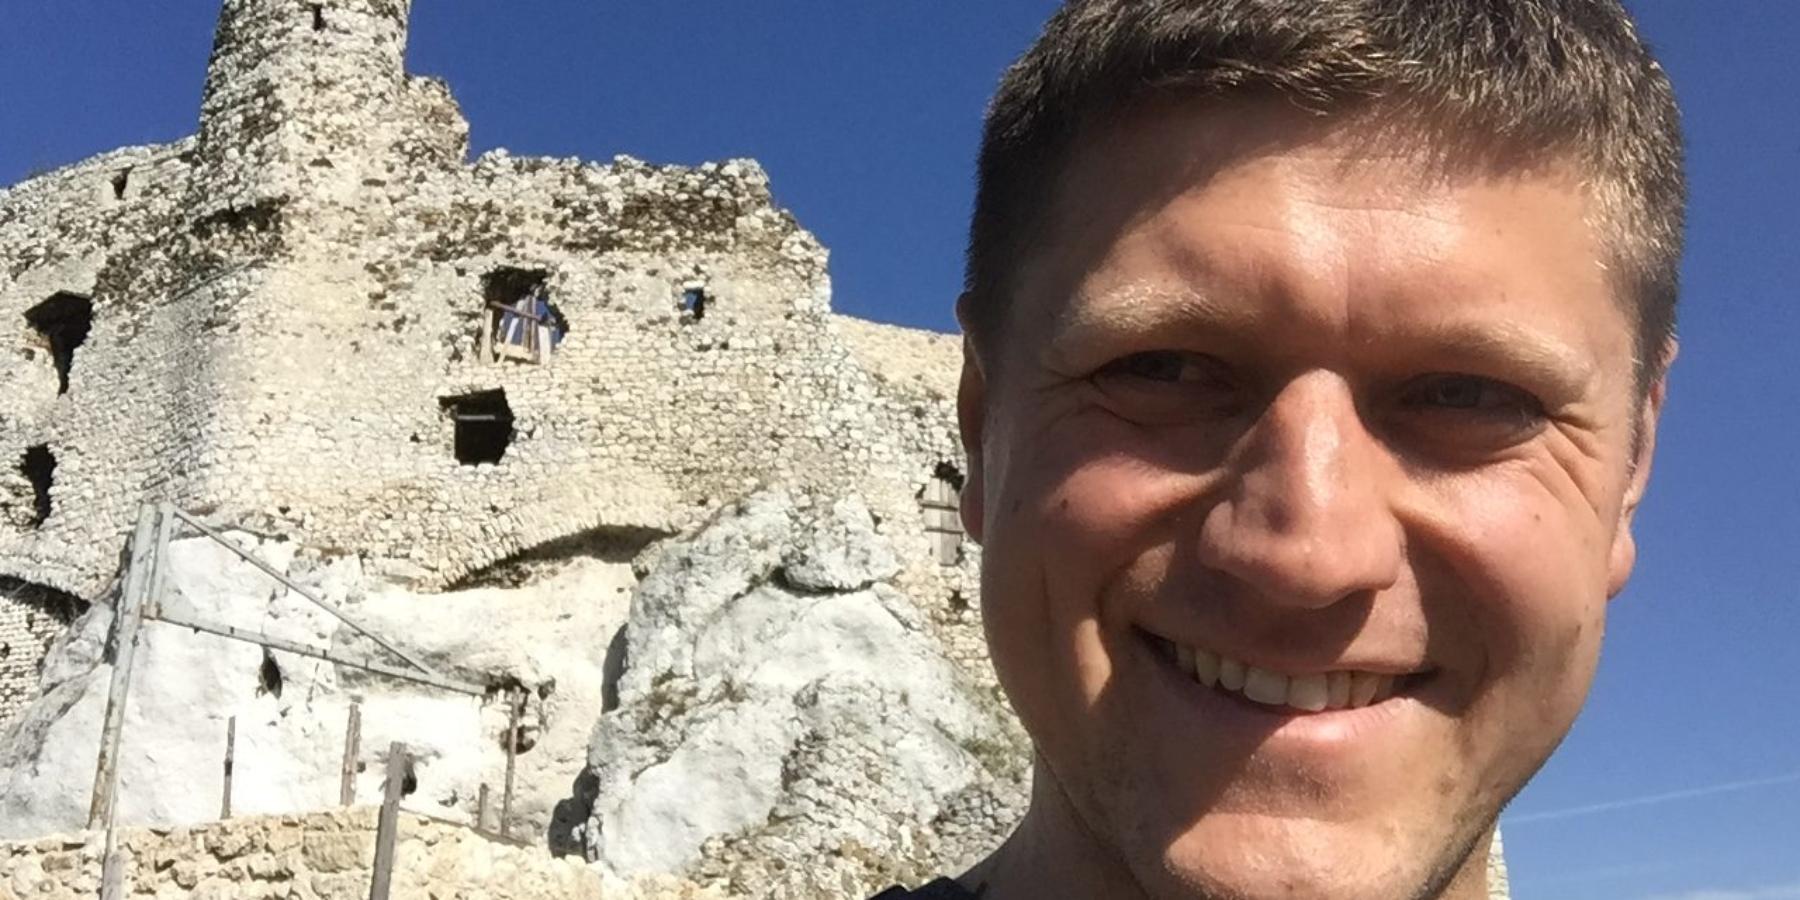 Wywiad zPiotrem Rutkowskim (pilotydobram.pl) – równie ważne jest wsparcie posprzedażowe